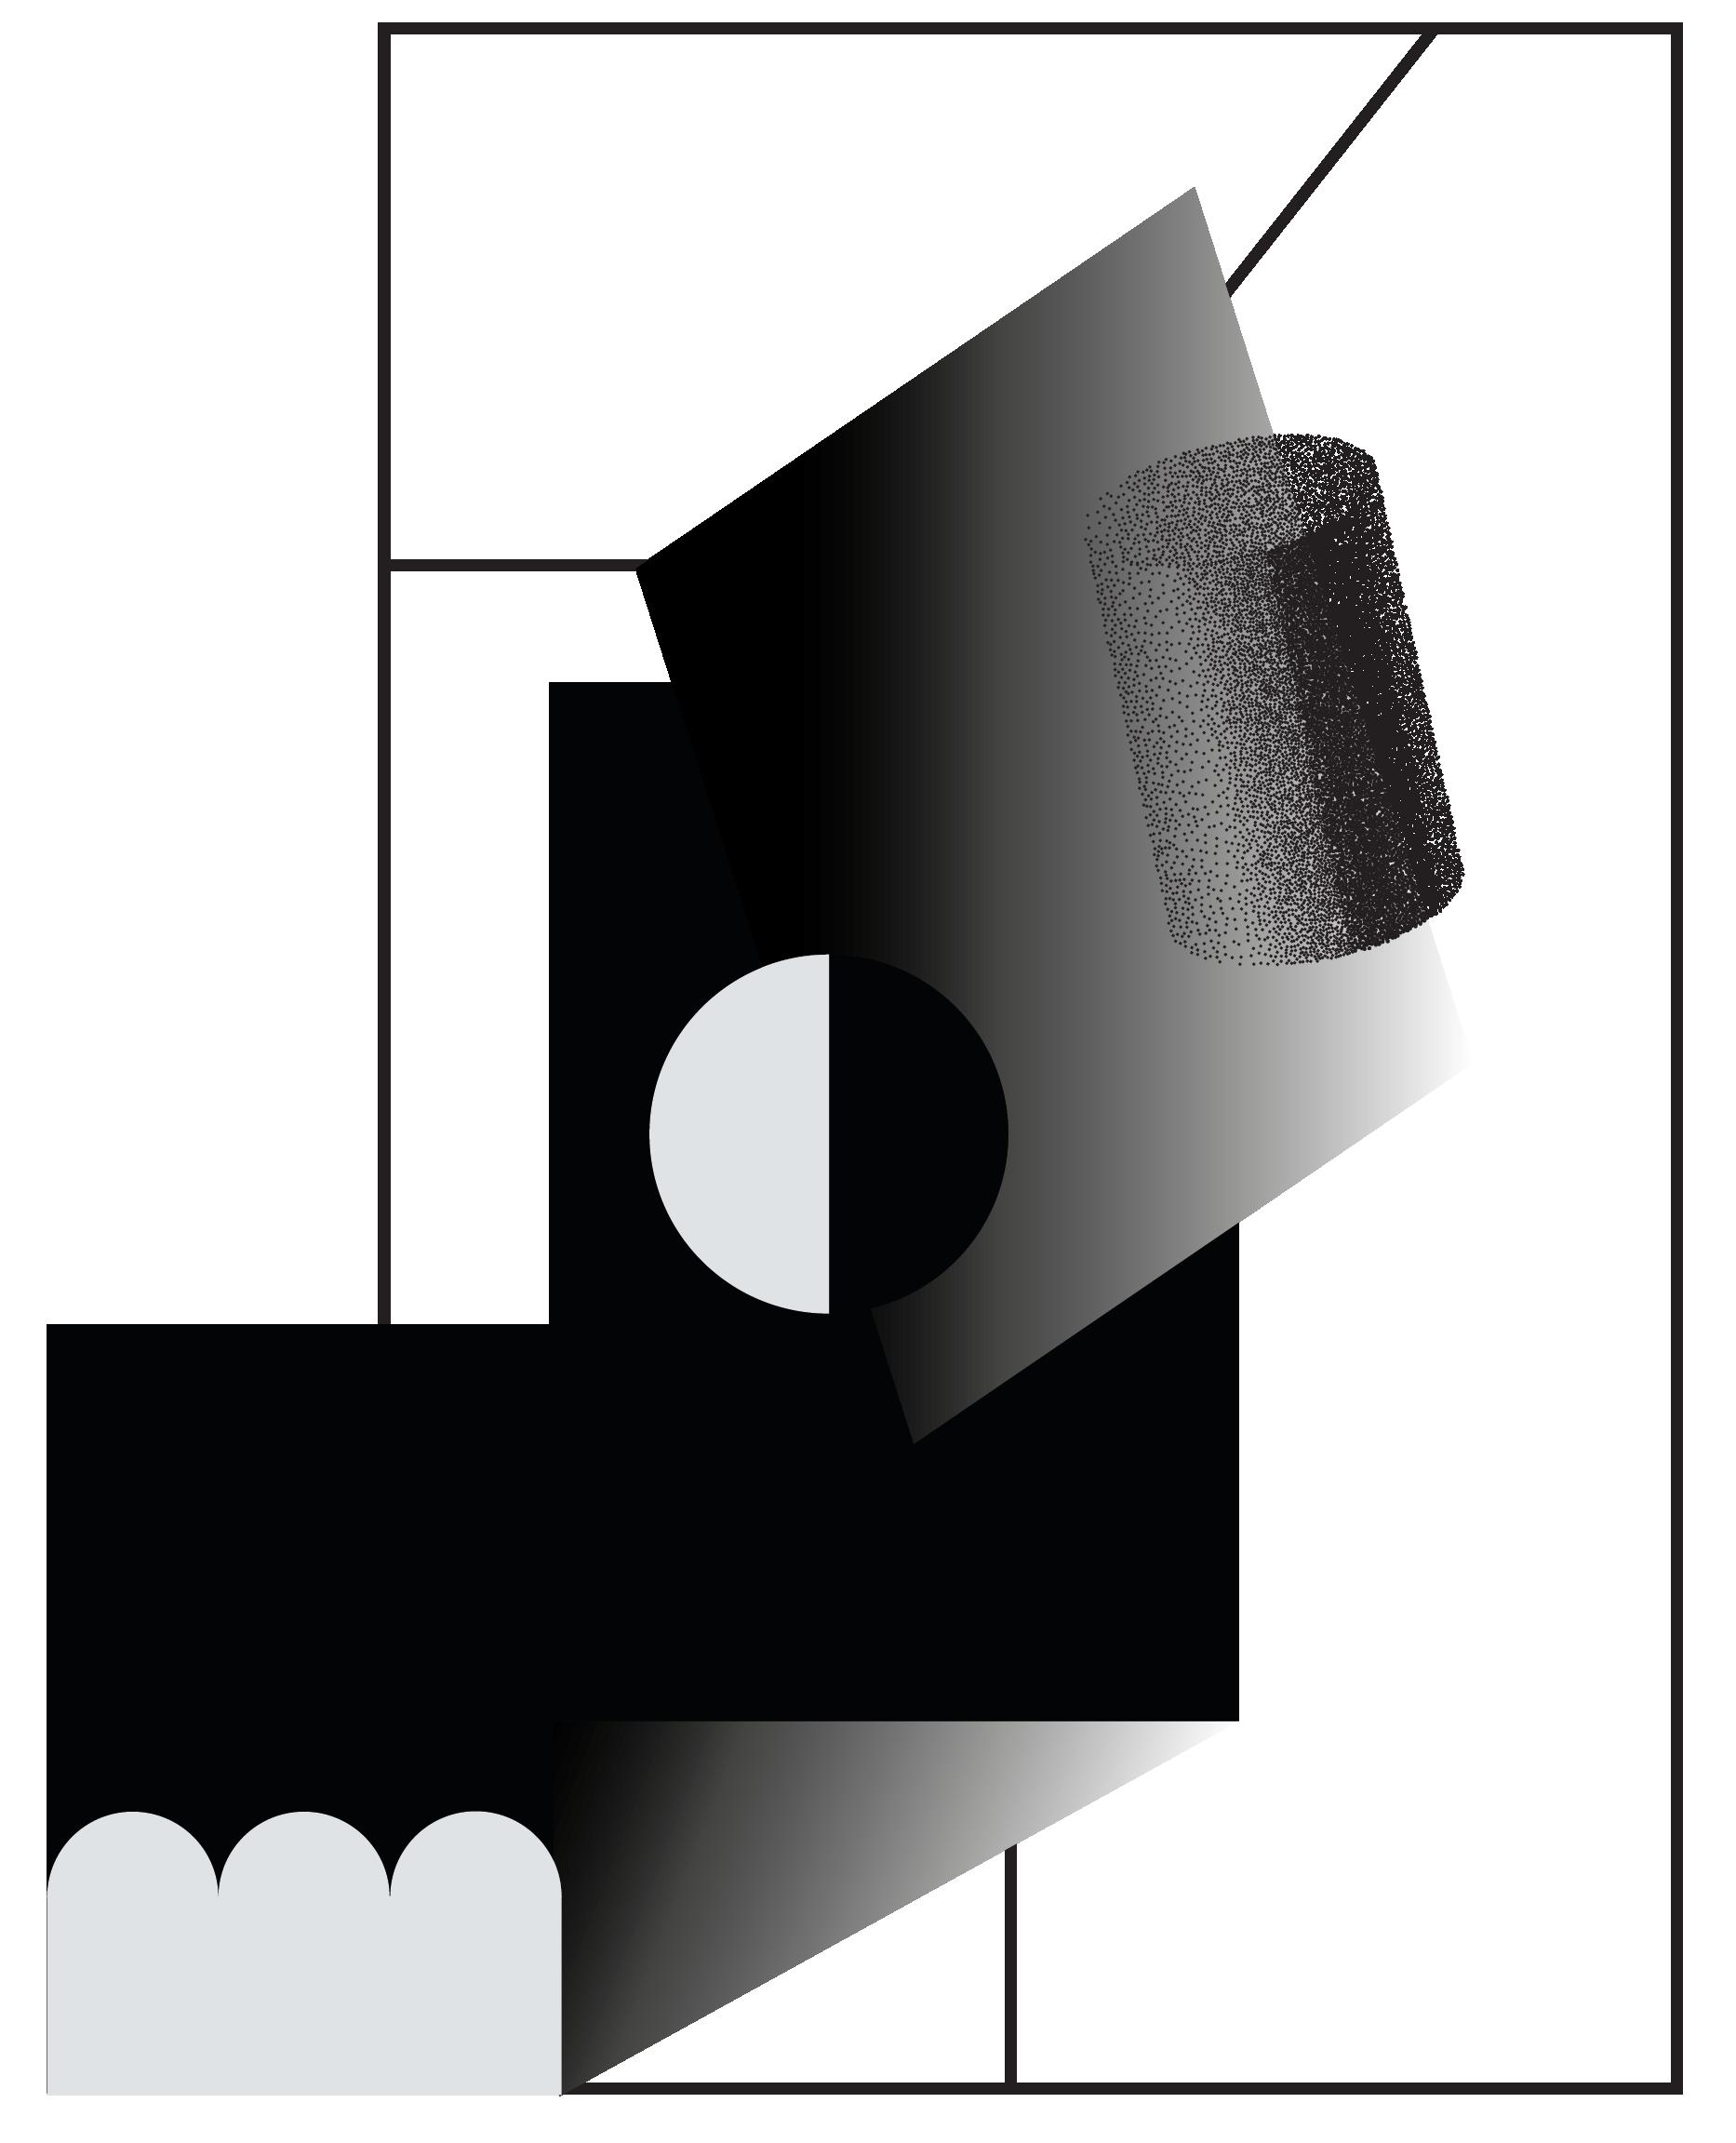 Leerraum_kontakt-final-04.png